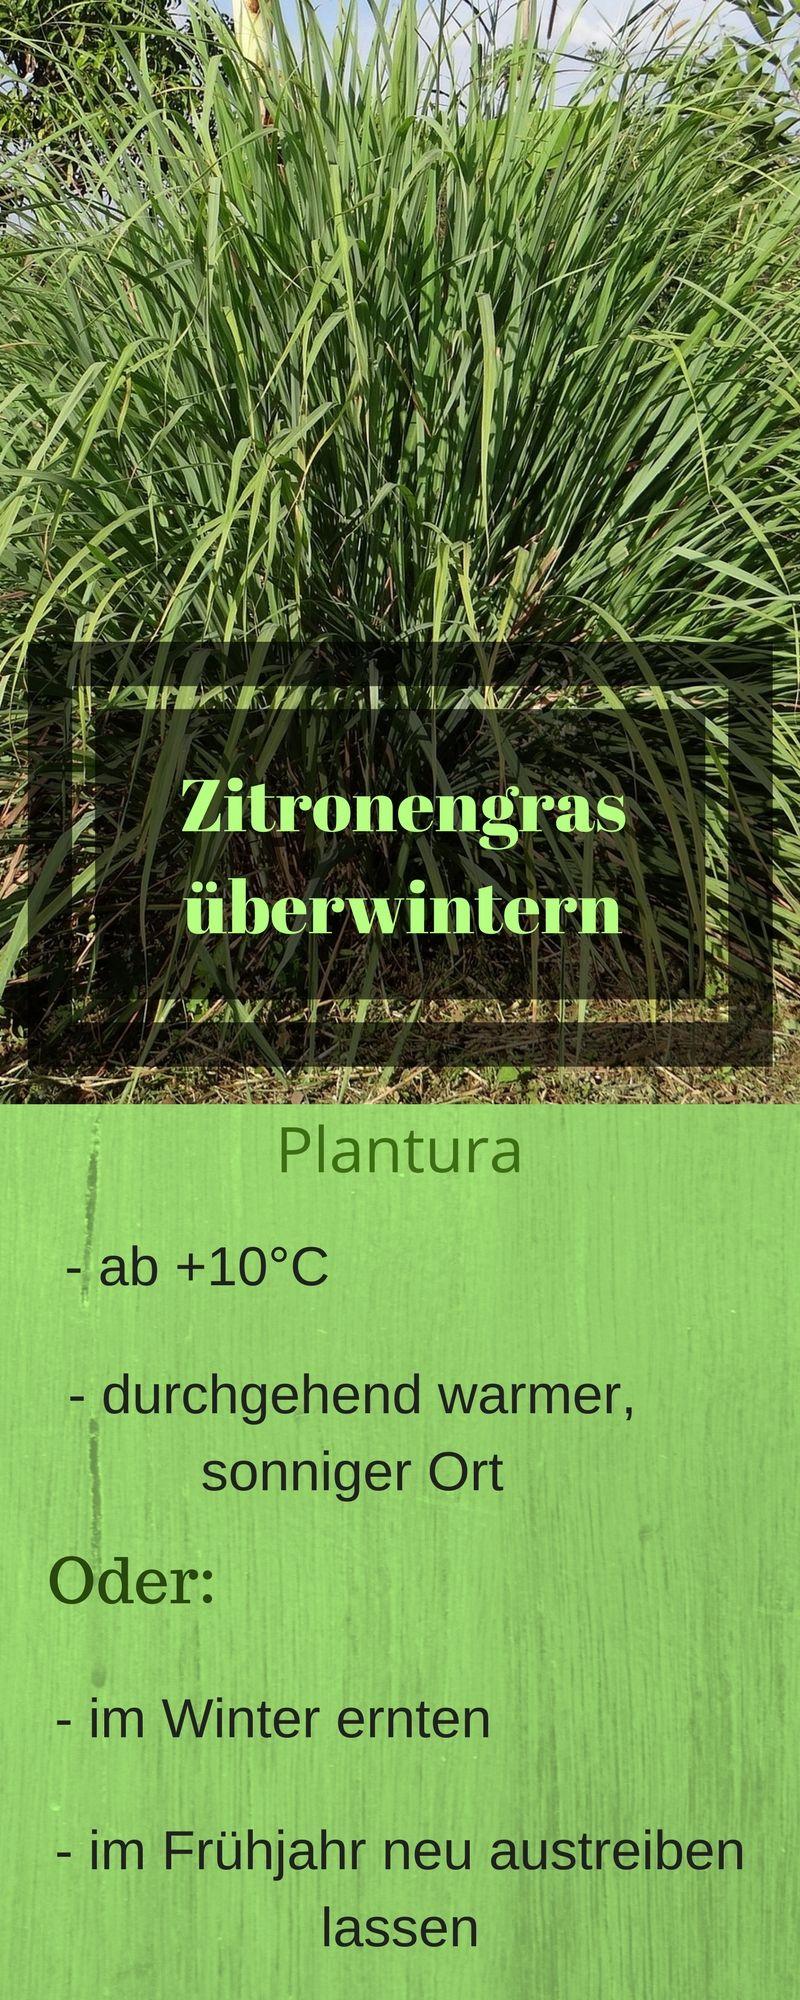 Zitronengras Pflegen Pflanzen Schneiden Uberwintern Krauter Anpflanzen Zitronengras Und Gras